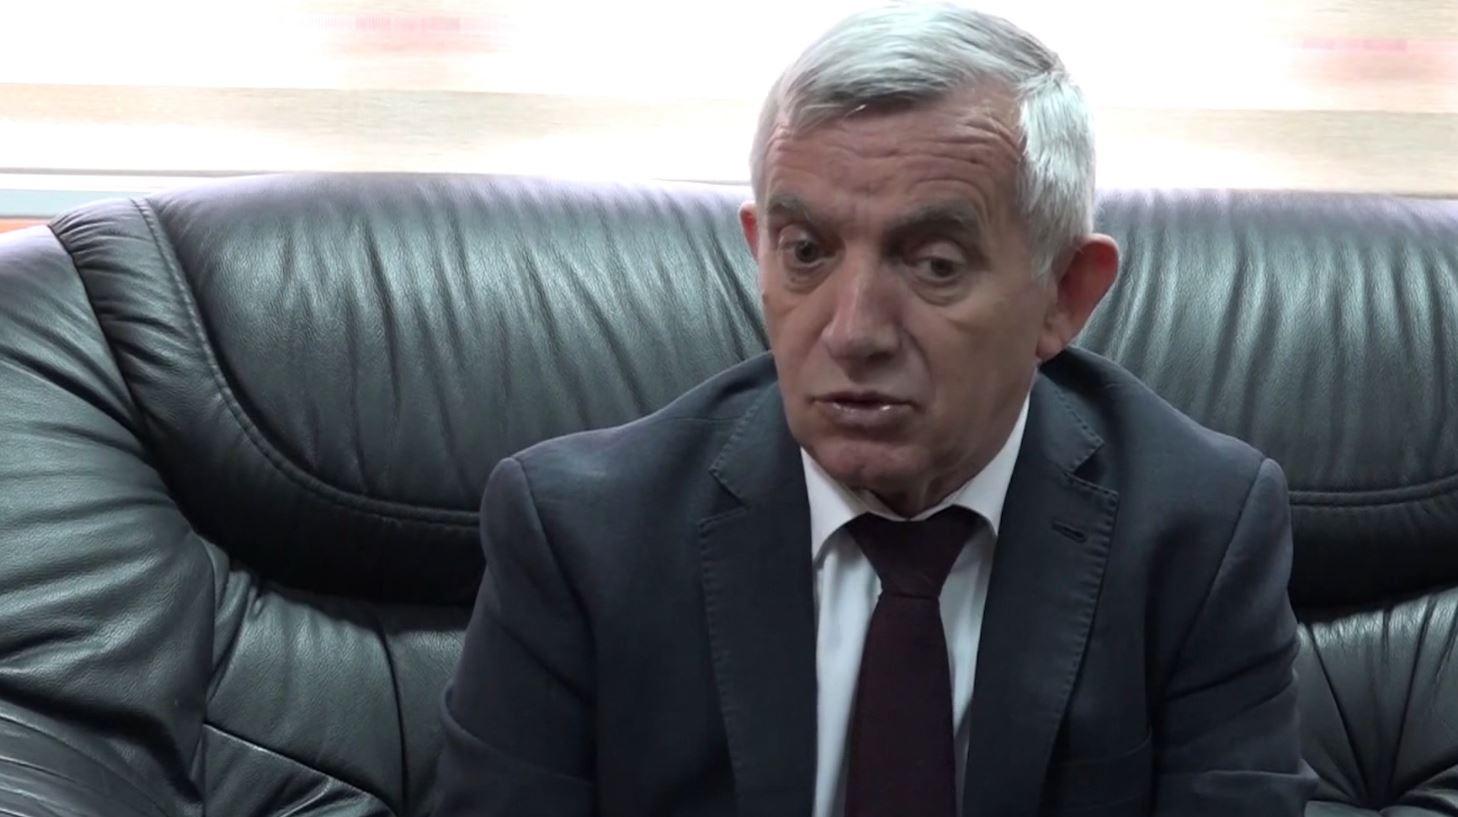 Dialogu, Minxhozi: Prishtina, nevojë për konsensus politik